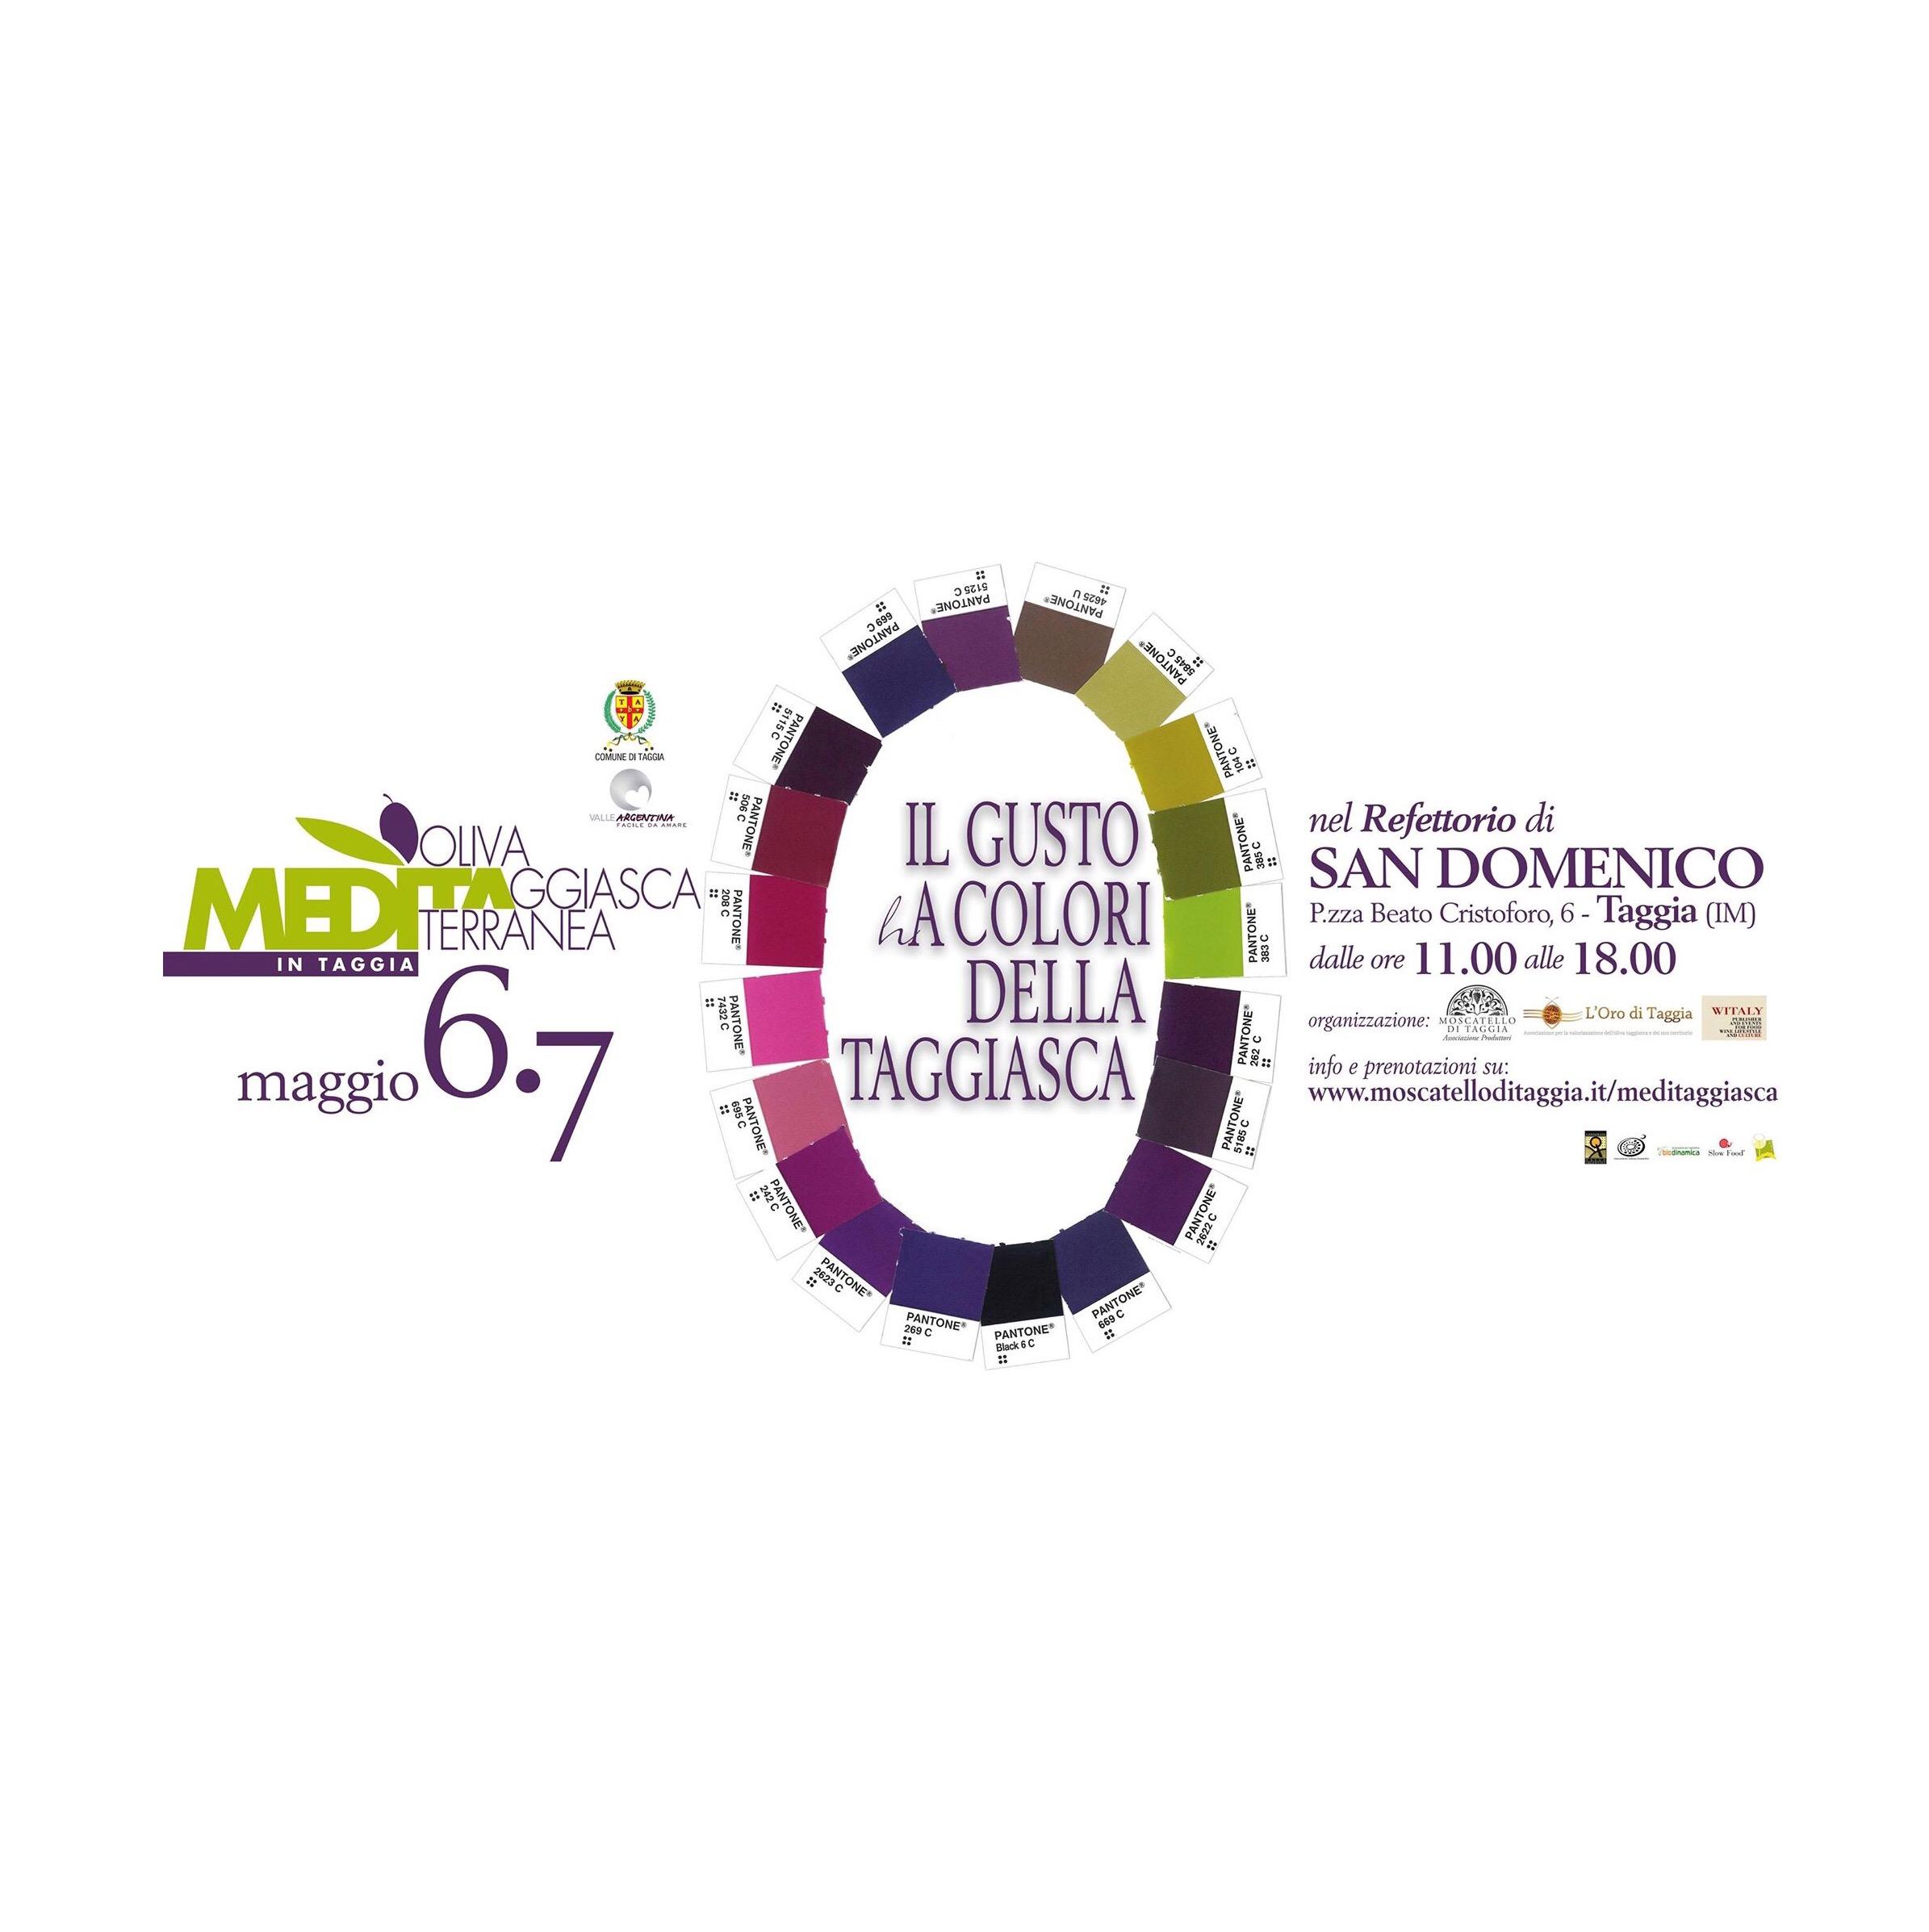 Meditaggiasca 2017 oliva Taggiasca non solo olio